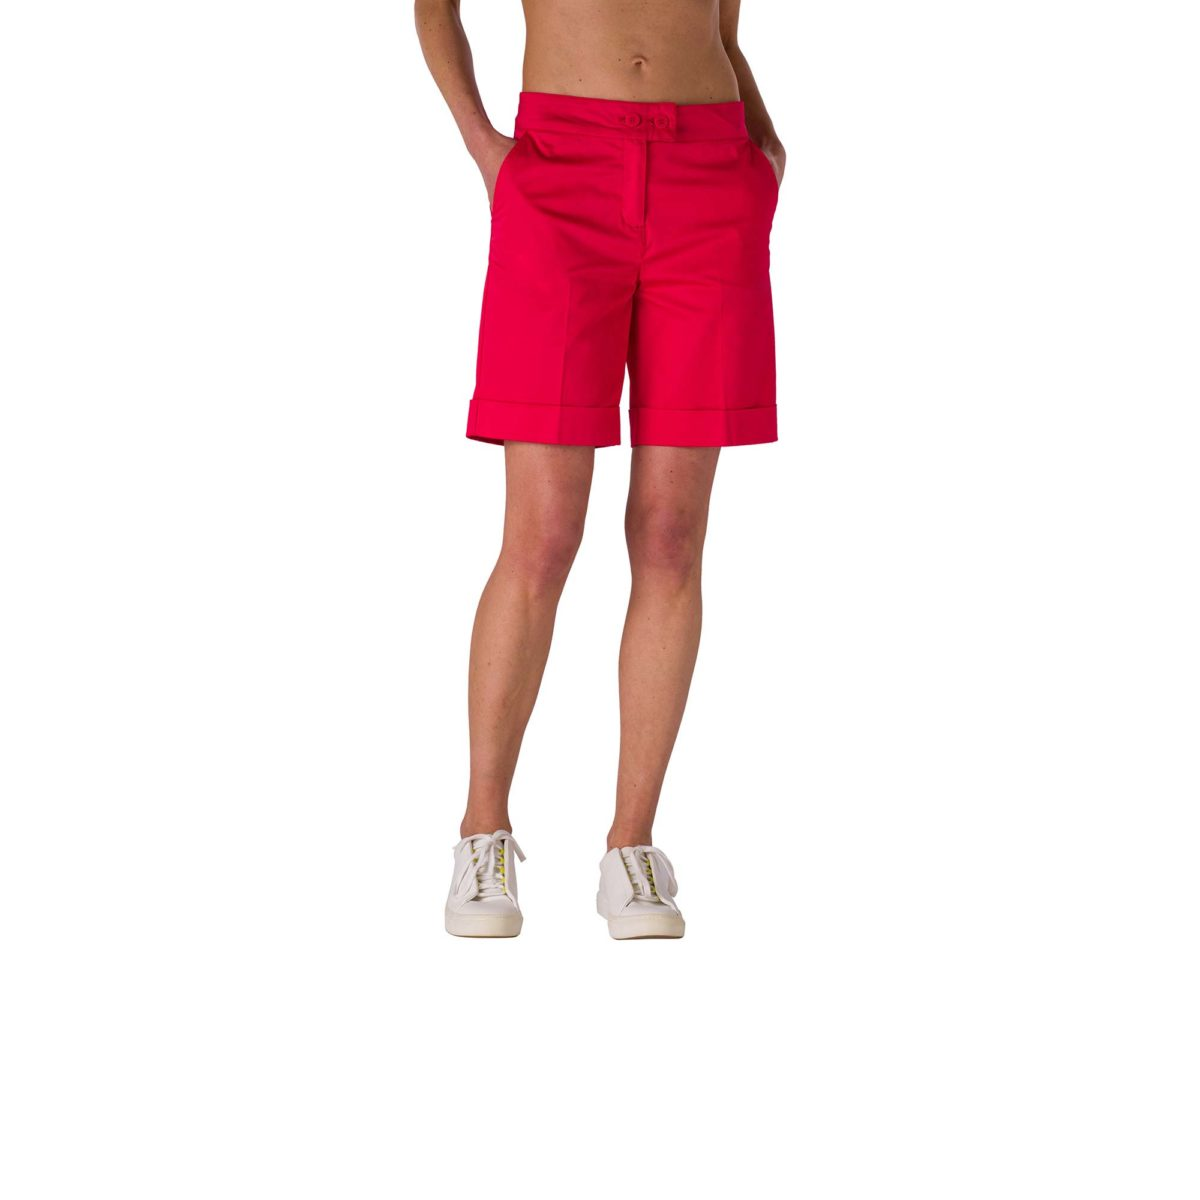 Shorts Bermuda Rosso Corallo - Nicla